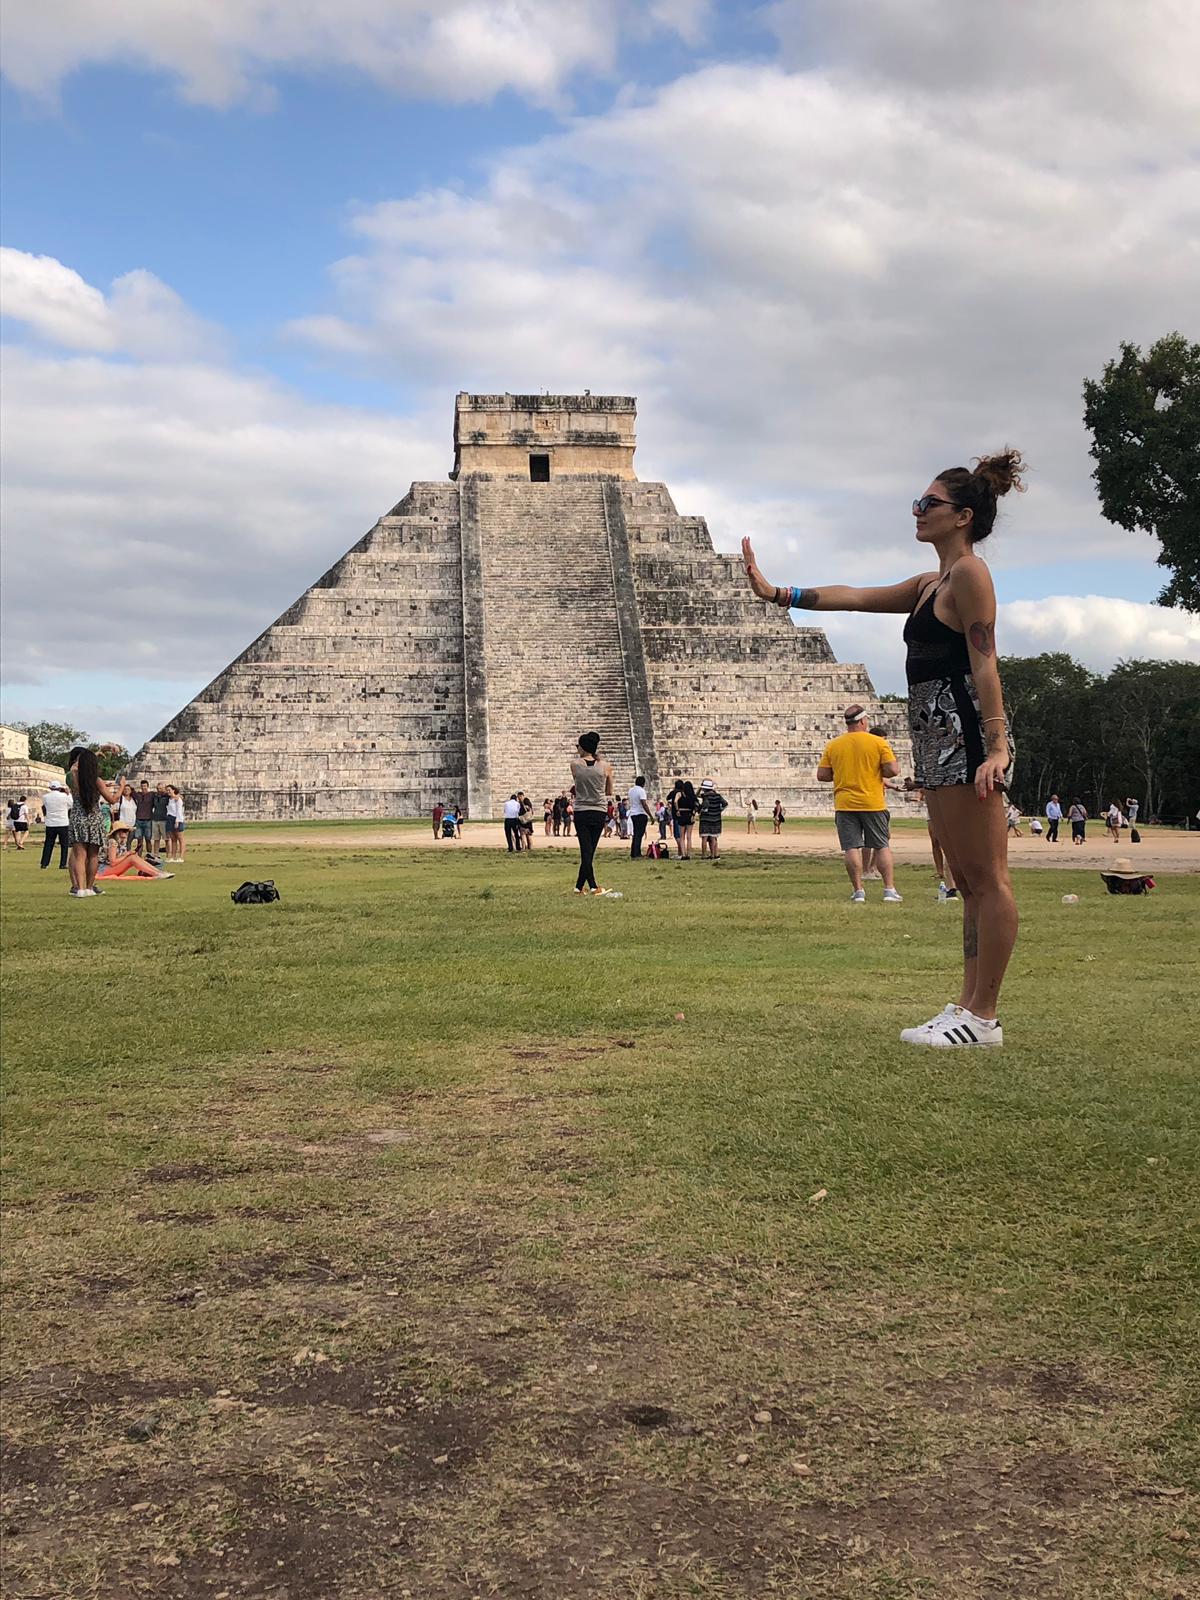 Foto del viaggio a Tulum – Mexico di Diletta e Yuri dal 13 al 20 dicembre 2018.